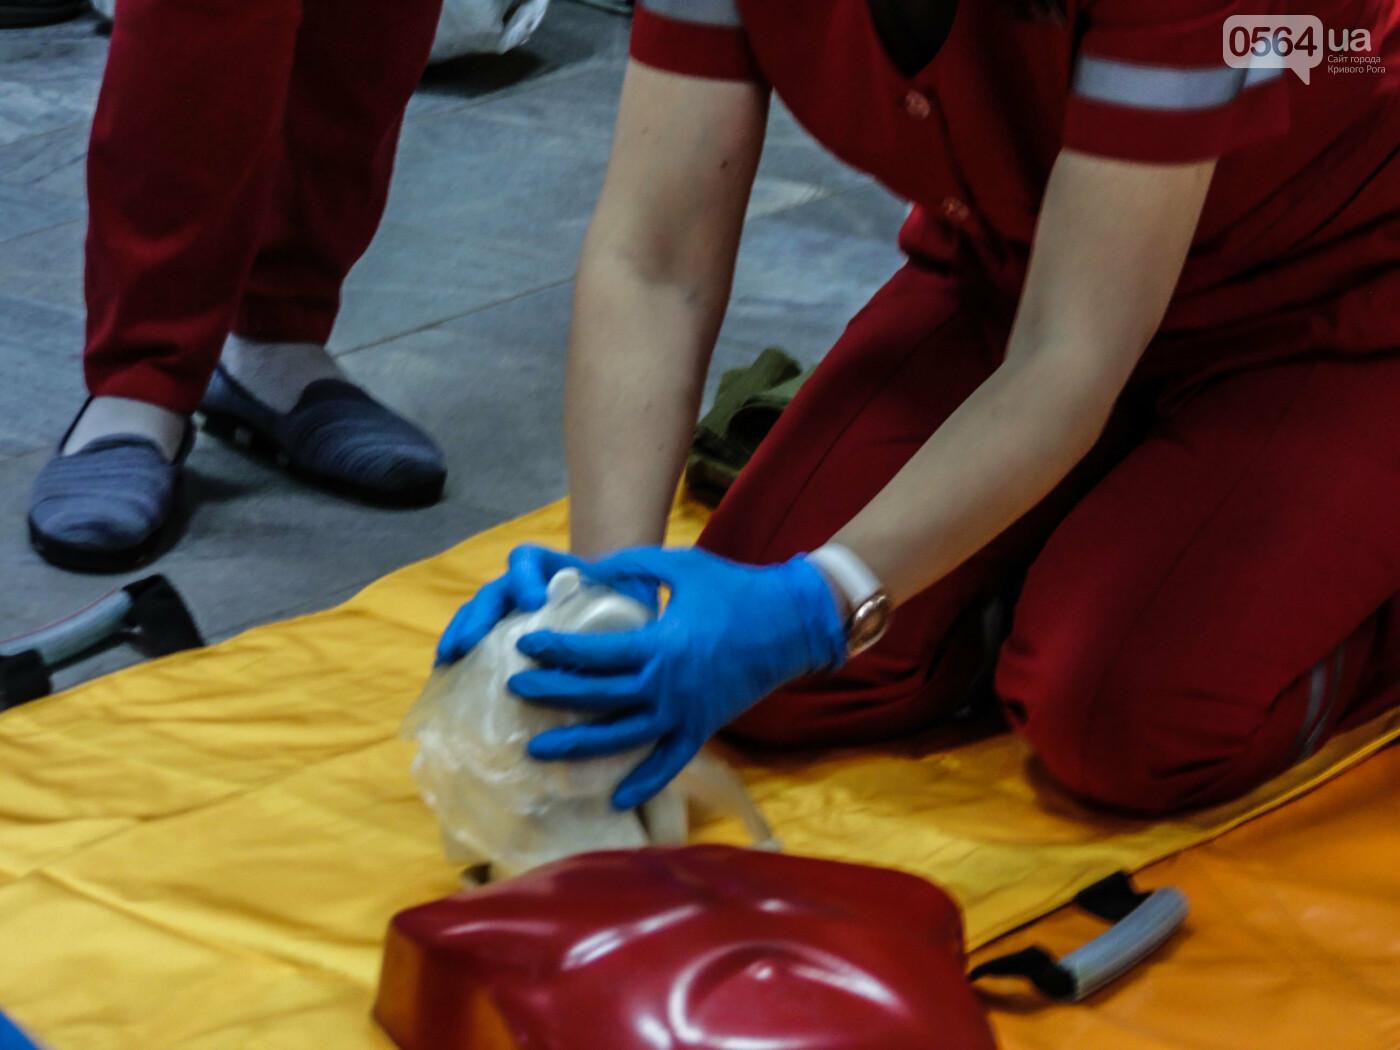 В Криворожском горисполкоме обучали оказывать людям первую медицинскую помощь, - ФОТО, ВИДЕО , фото-3